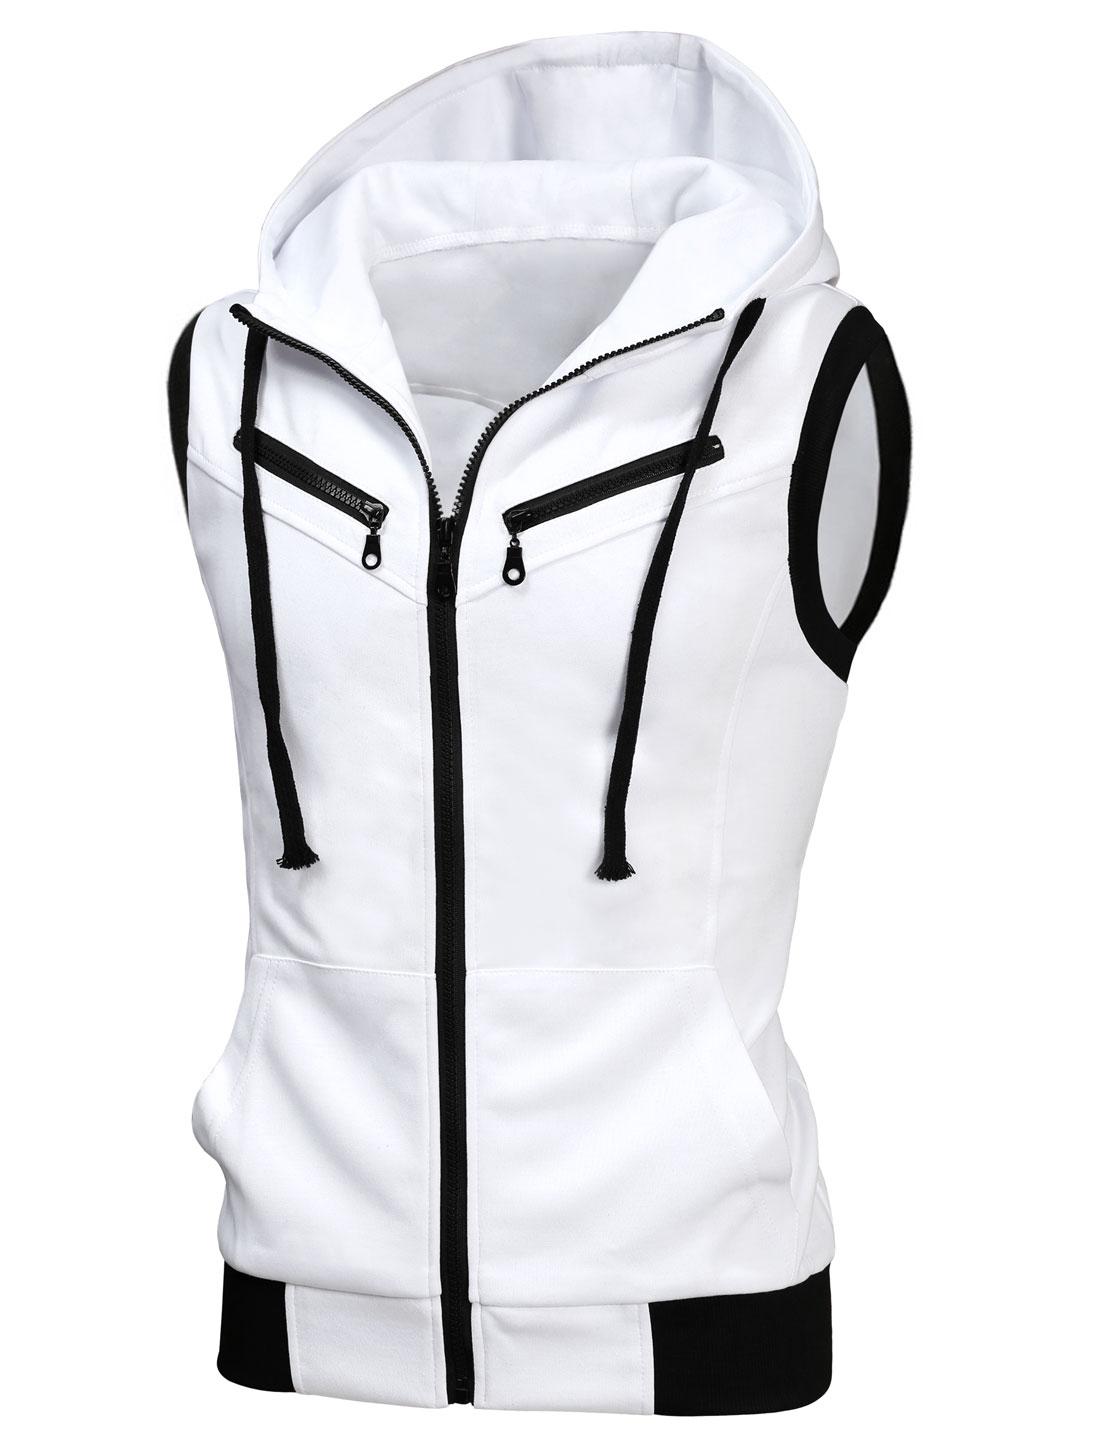 Men Kangaroo Pocket Zip Up Drawstring Hooded Vest Heather White XL